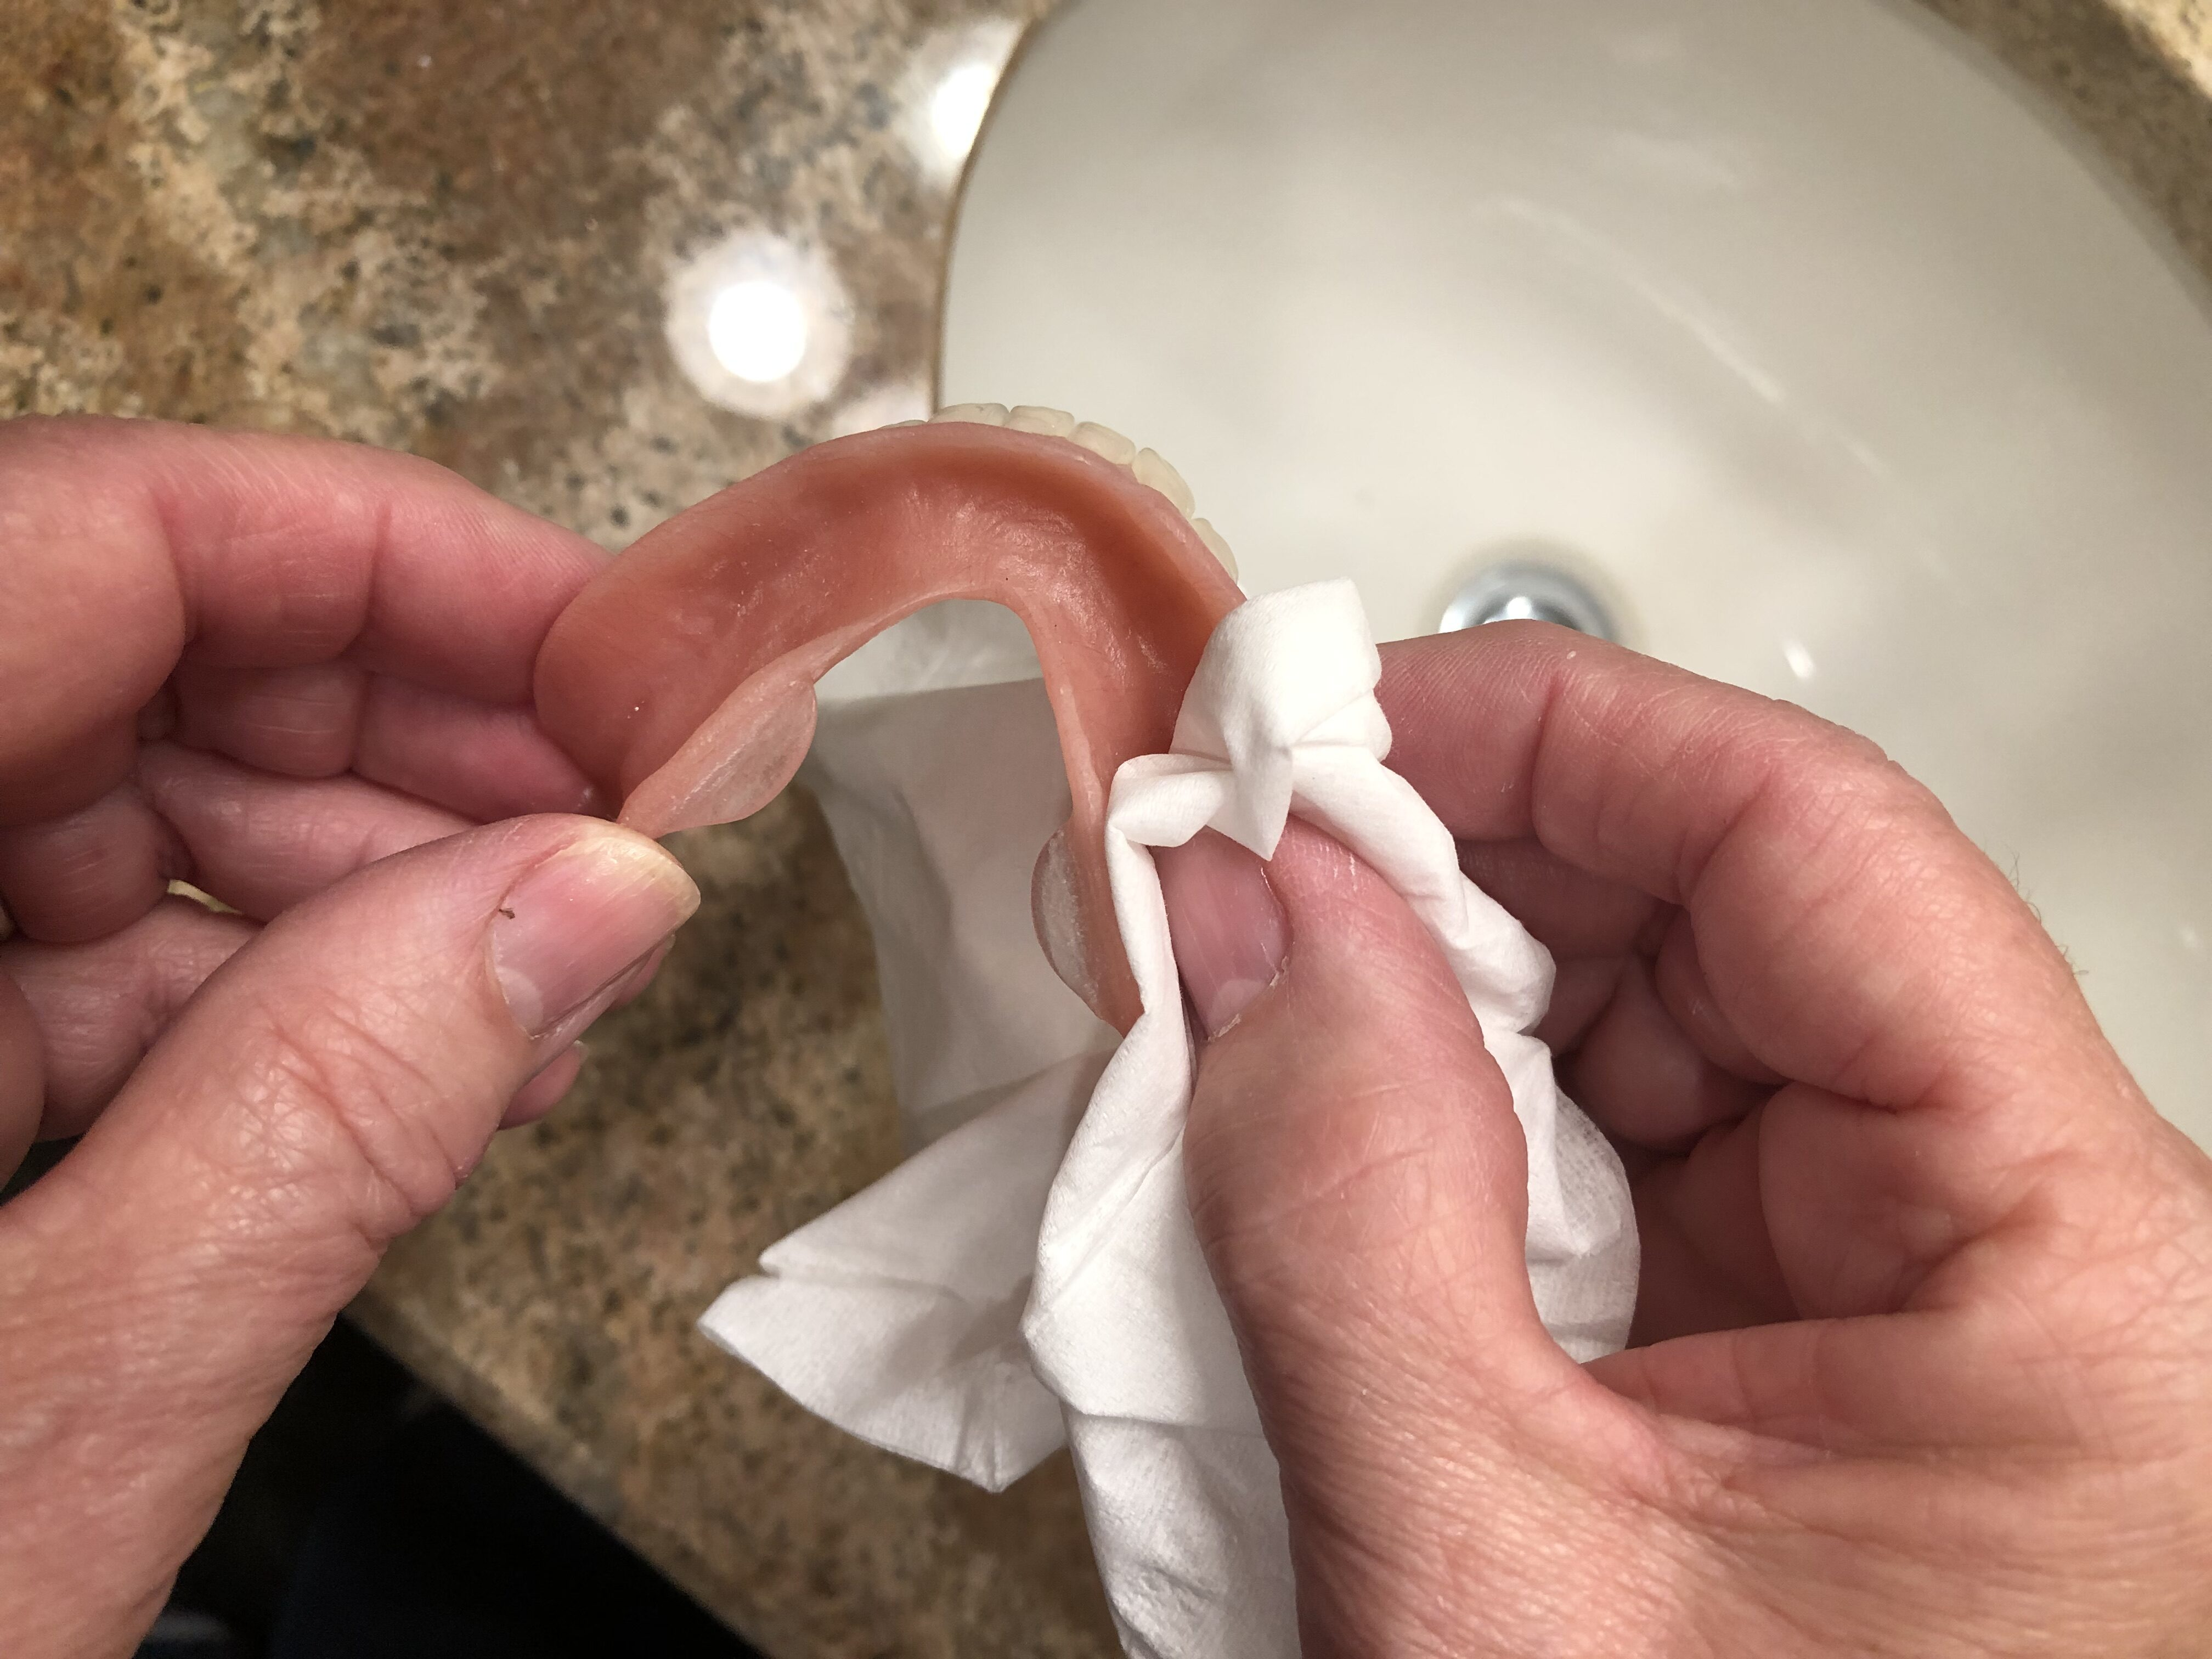 denture sore spot kit